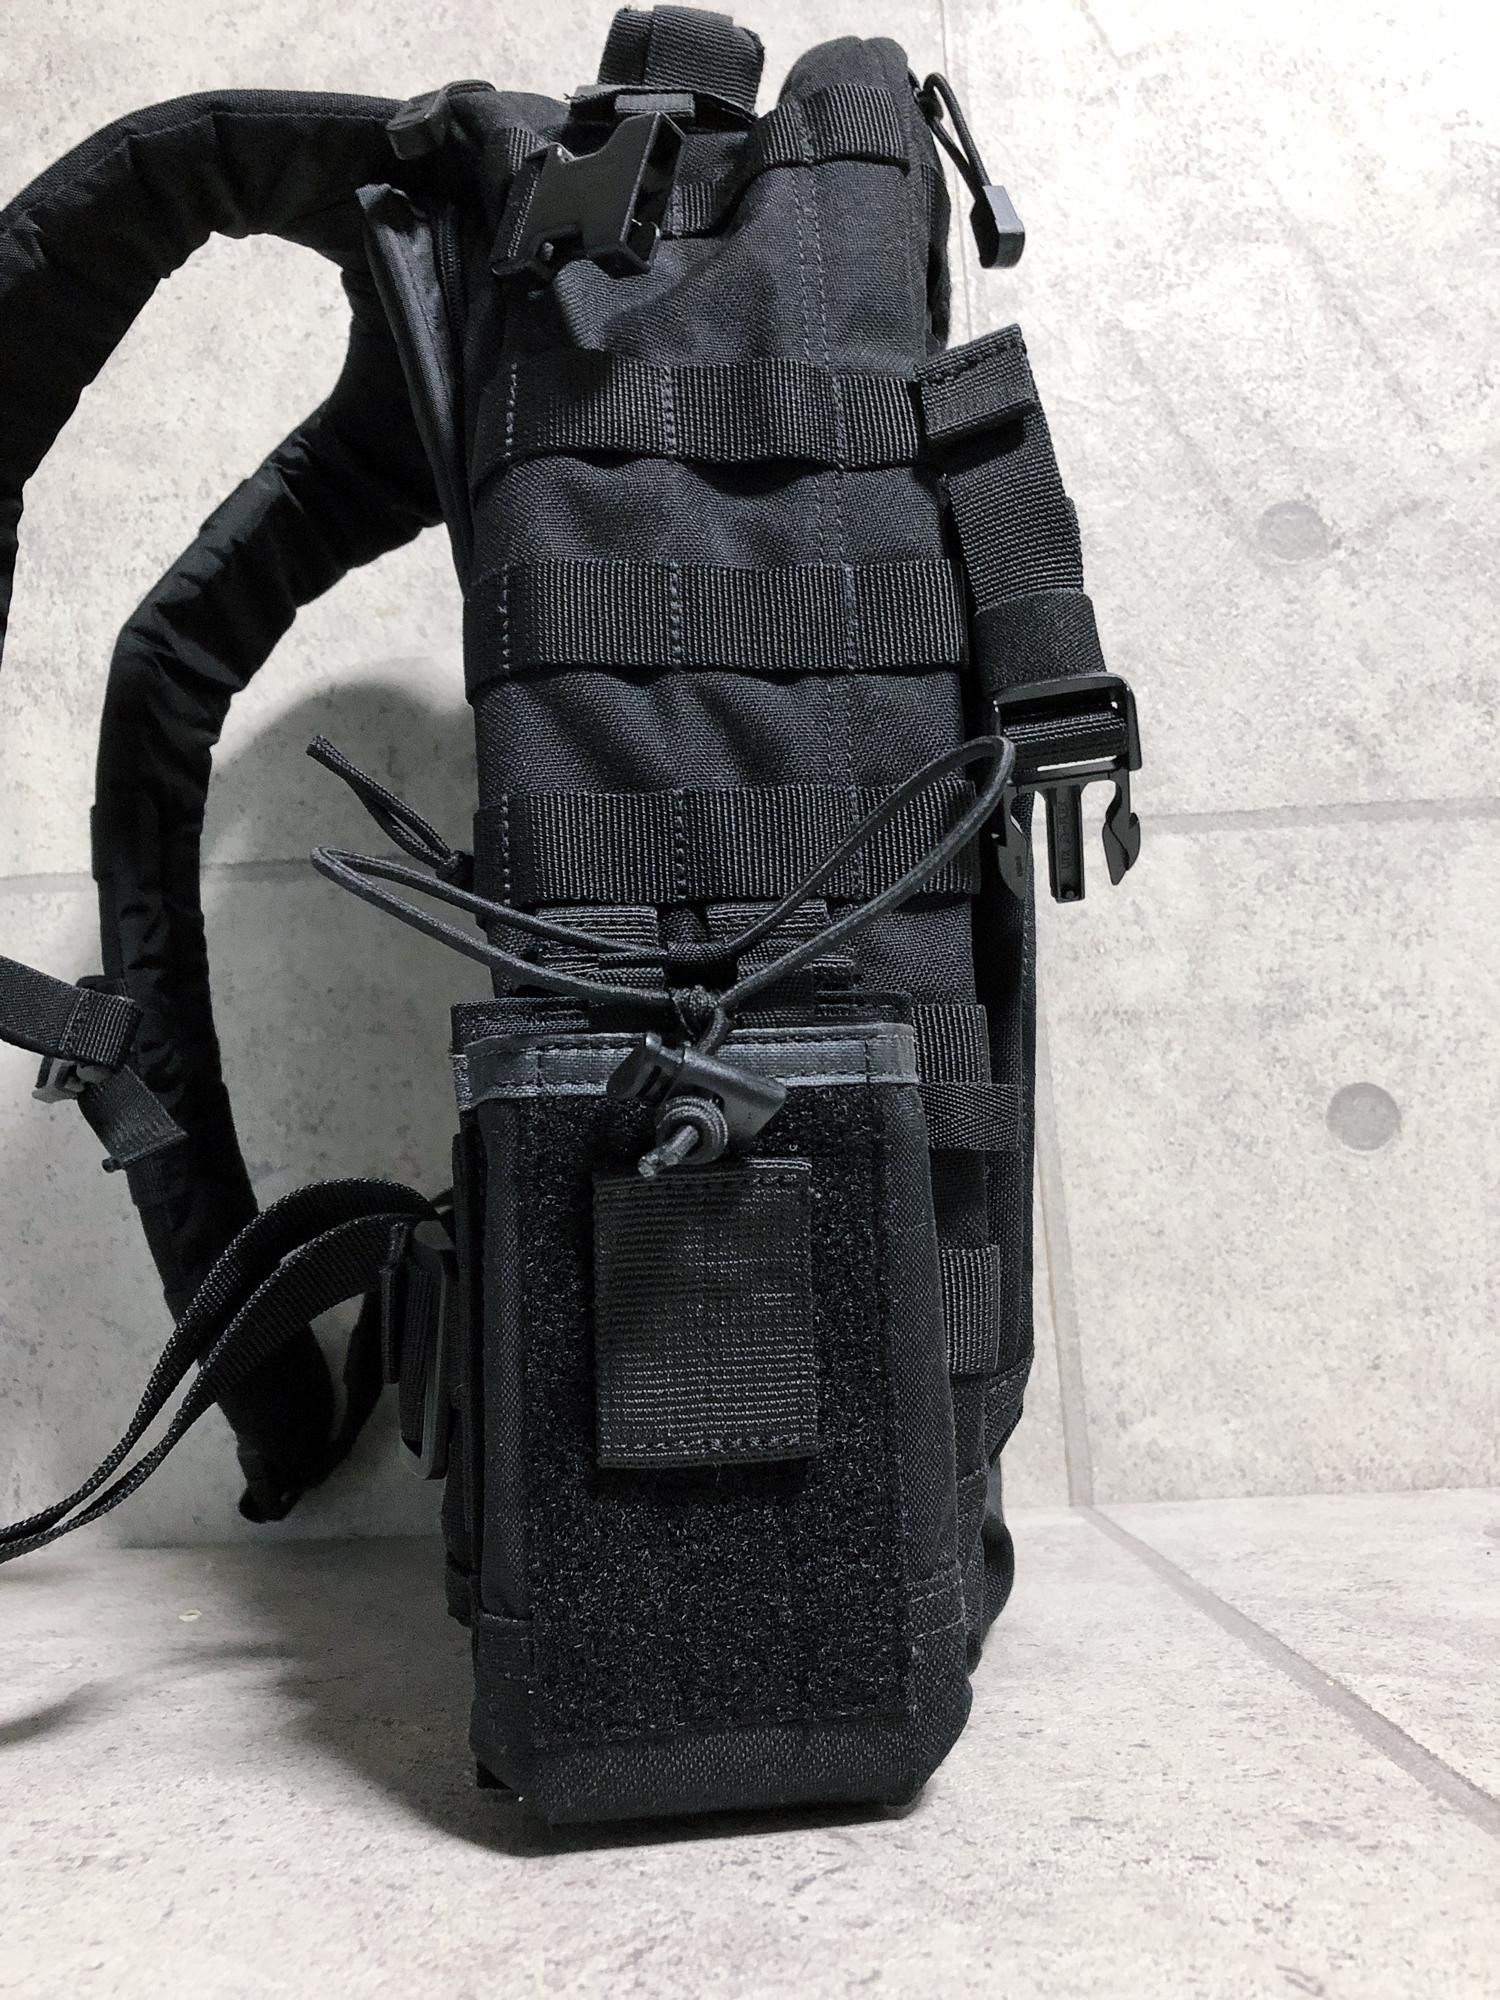 14 実物 511 Tactical RUSH 12 BACKPACK CUSTOM!! ライフルケース・ストラップシステム・ポーチ・ワッペン・ITW TAC LINKなど!! ファイブイレブン タクティカル ラッシュ バックパック カスタム!! 購入 取付 レビュ